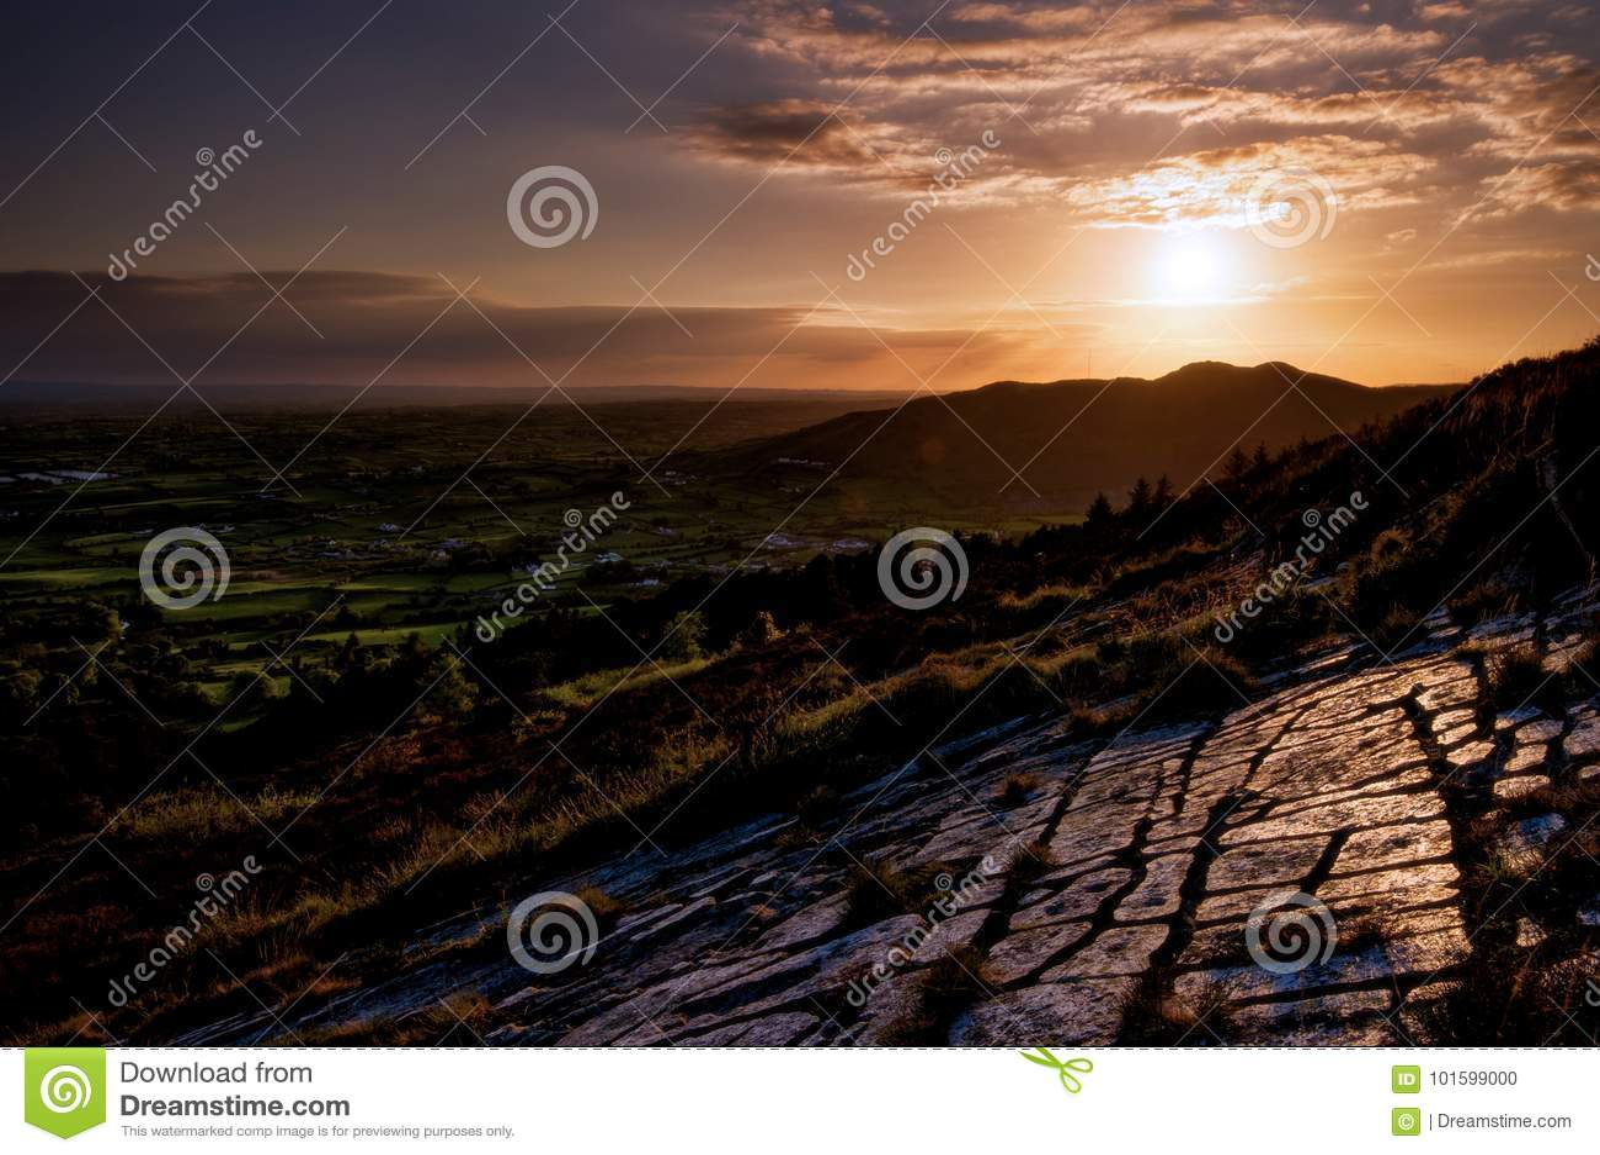 Die letzte Reflexion des Lichtes auf jenen abgefressenen Steinen, bevor irische Ebene geht zu schlafen